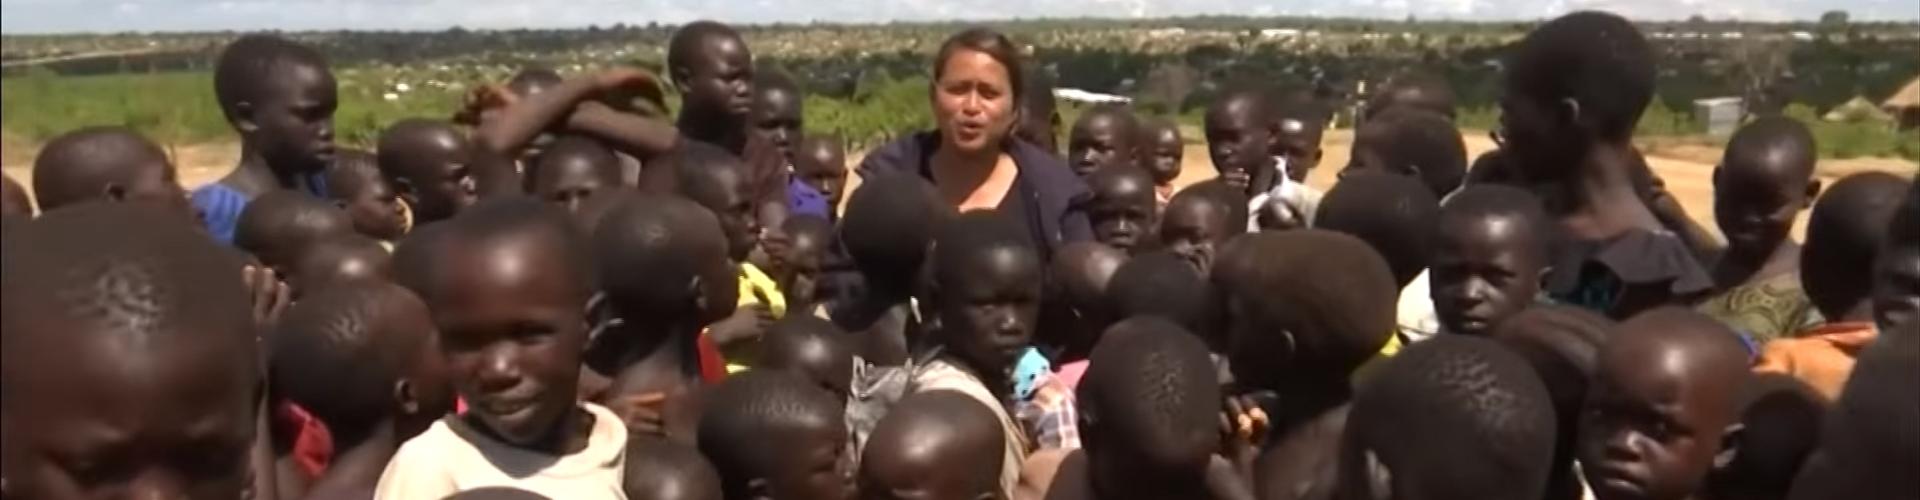 ค่ายผู้ลี้ภัยที่ใหญที่สุดในโลกที่ยูกันดากับการช่วยเหลือวิกฤติผู้ลี้ภัยซูดานใต้จากสงครามและความอดอยาก